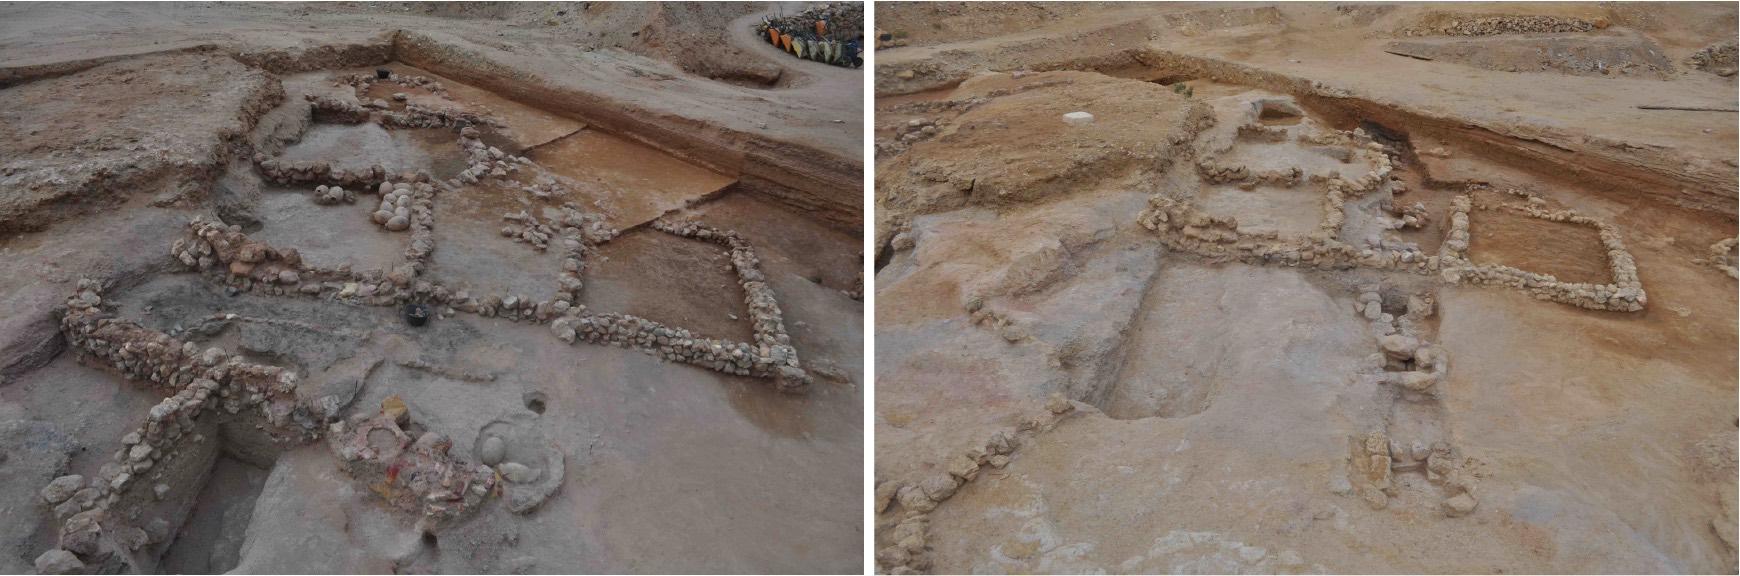 Fig. 3. À gauche, le secteur S41 à la fin de la saison de fouilles 2014 (vue sud-ouest/nord-est). On distingue clairement un atelier de métallurgie et des magasins comprenant des jarres. À droite, le même secteur à la fin de la saison 2015, avec à gauche les deux fosses creusées dans la roche et à droite le « système » lié à l'eau. Une partie des structures de la XIIe dynastie retrouvées l'an dernier est encore en place.